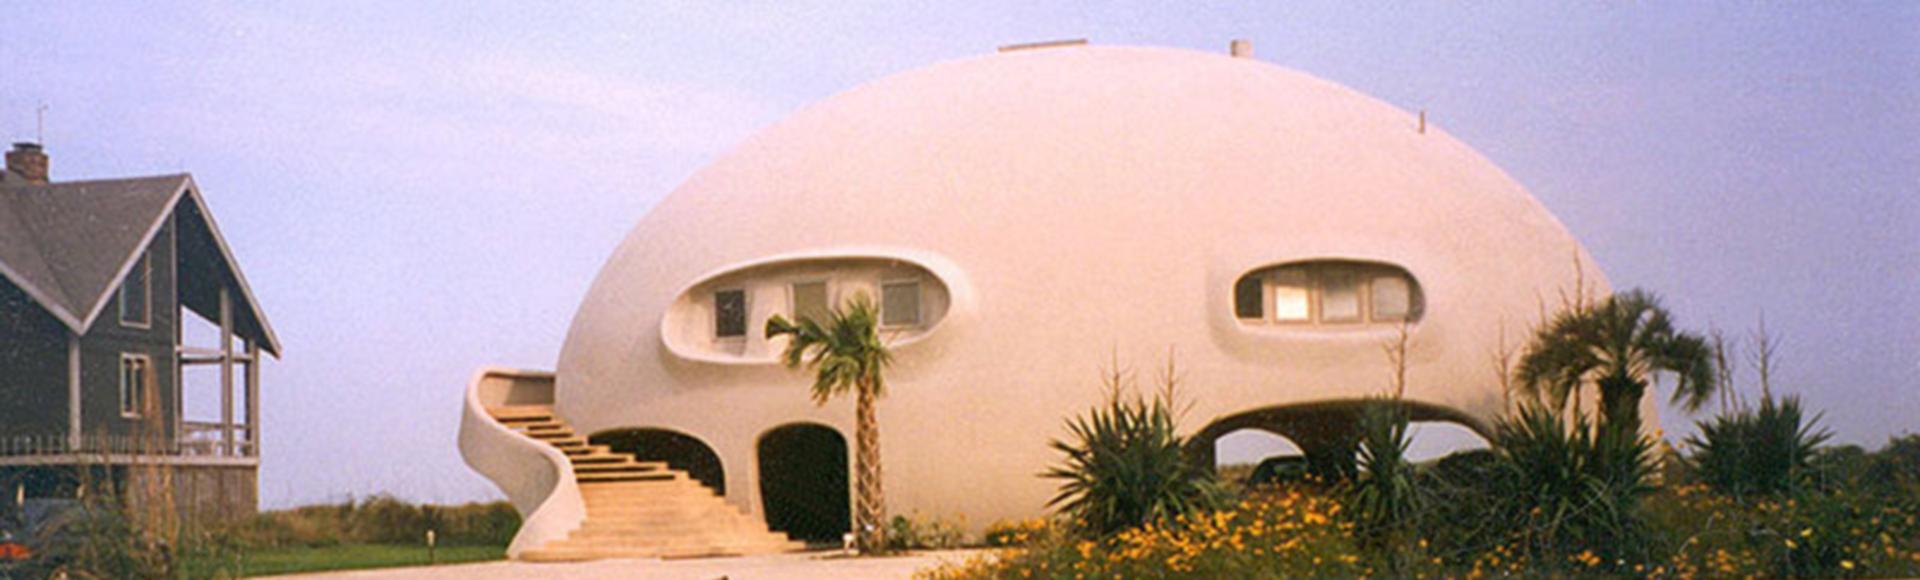 Возможность воплотить вашу архитектурную идею